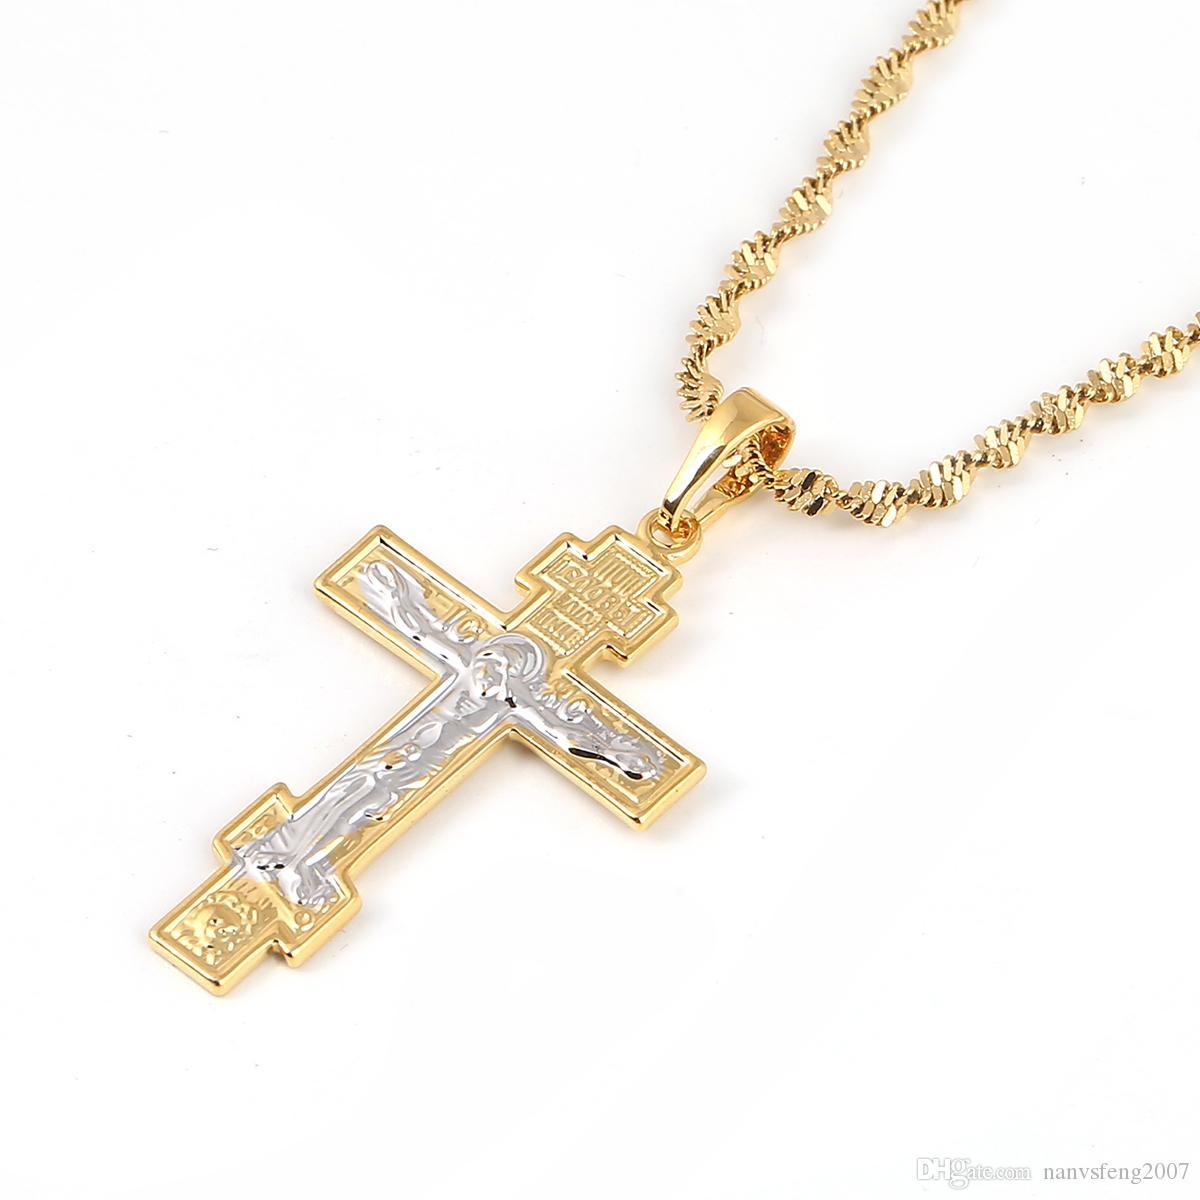 Iglesia ortodoxa rusa cristianismo eterna cruz encantos colgante collar joyería Rusia grecia ucrania regalos